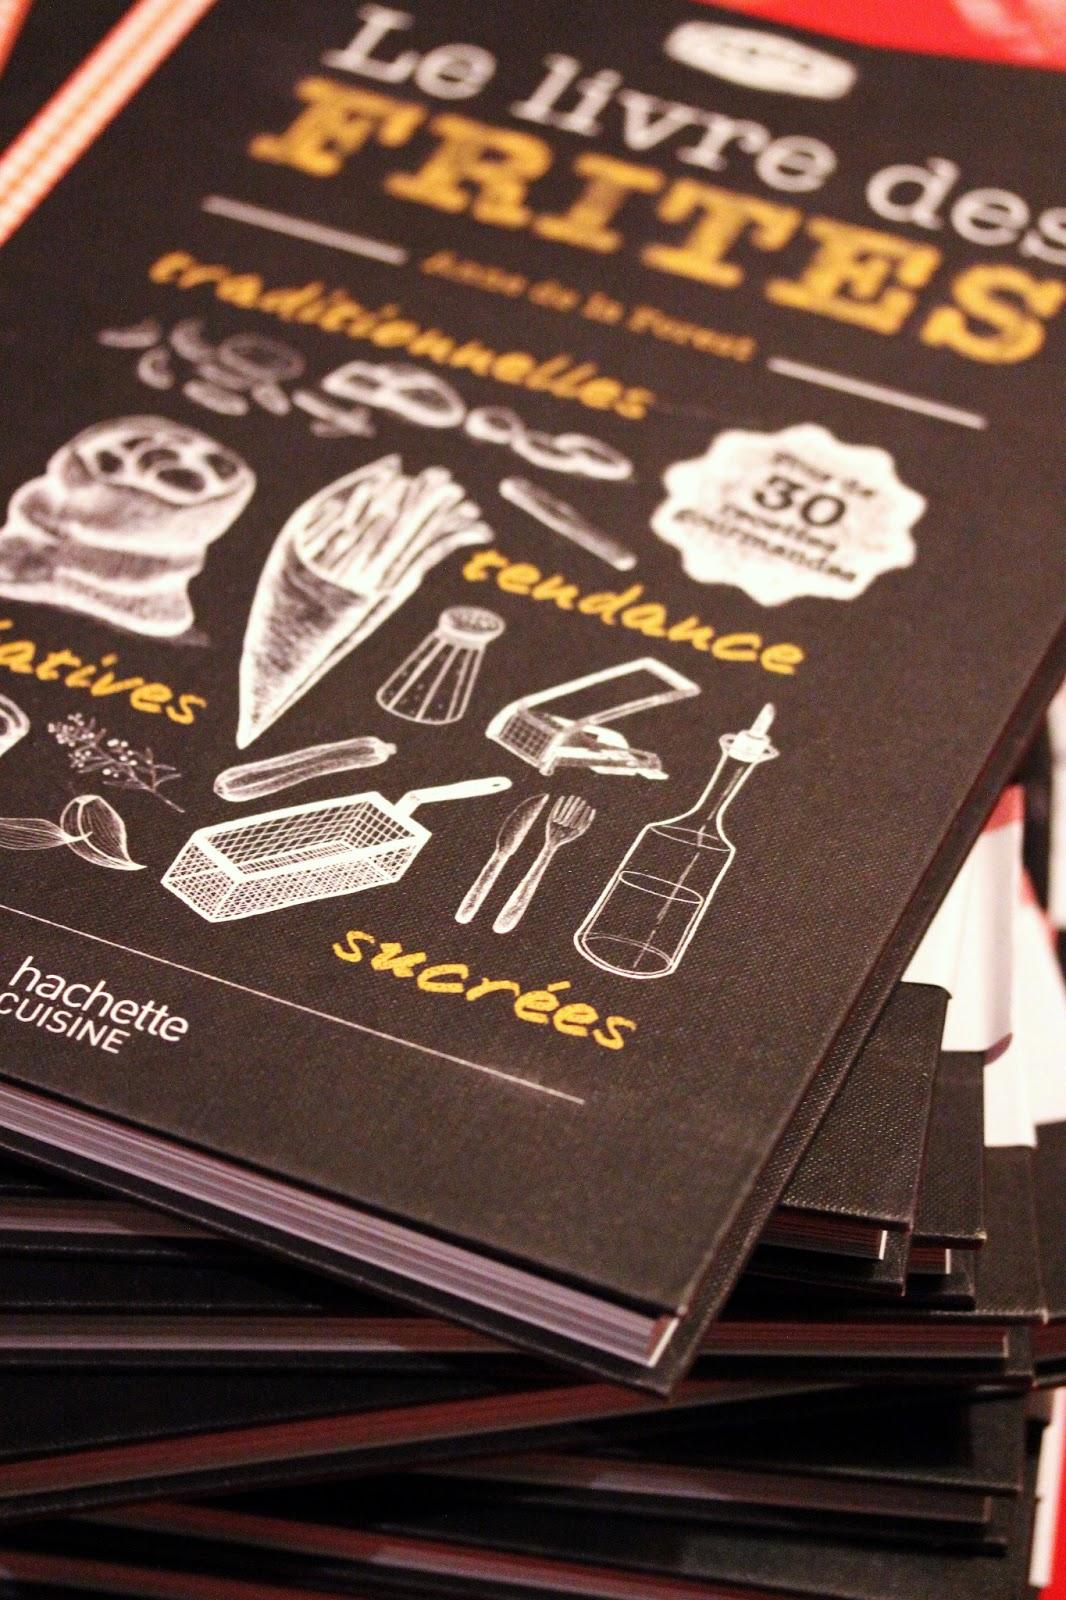 Dans la cuisine de sophie jeu concours le livre des frites un livre d v - Jeu concours cuisine ...